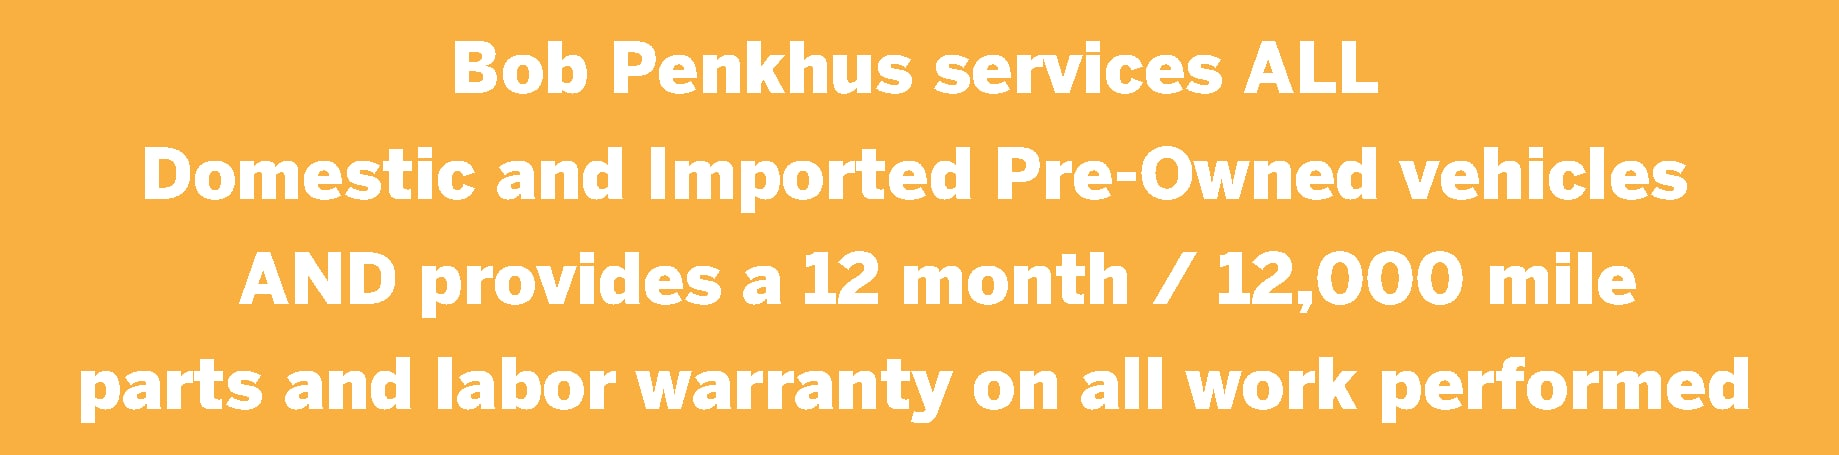 Bob Penkhus Mazda >> Bob Penkhus Mazda | New Mazda dealership in Colorado